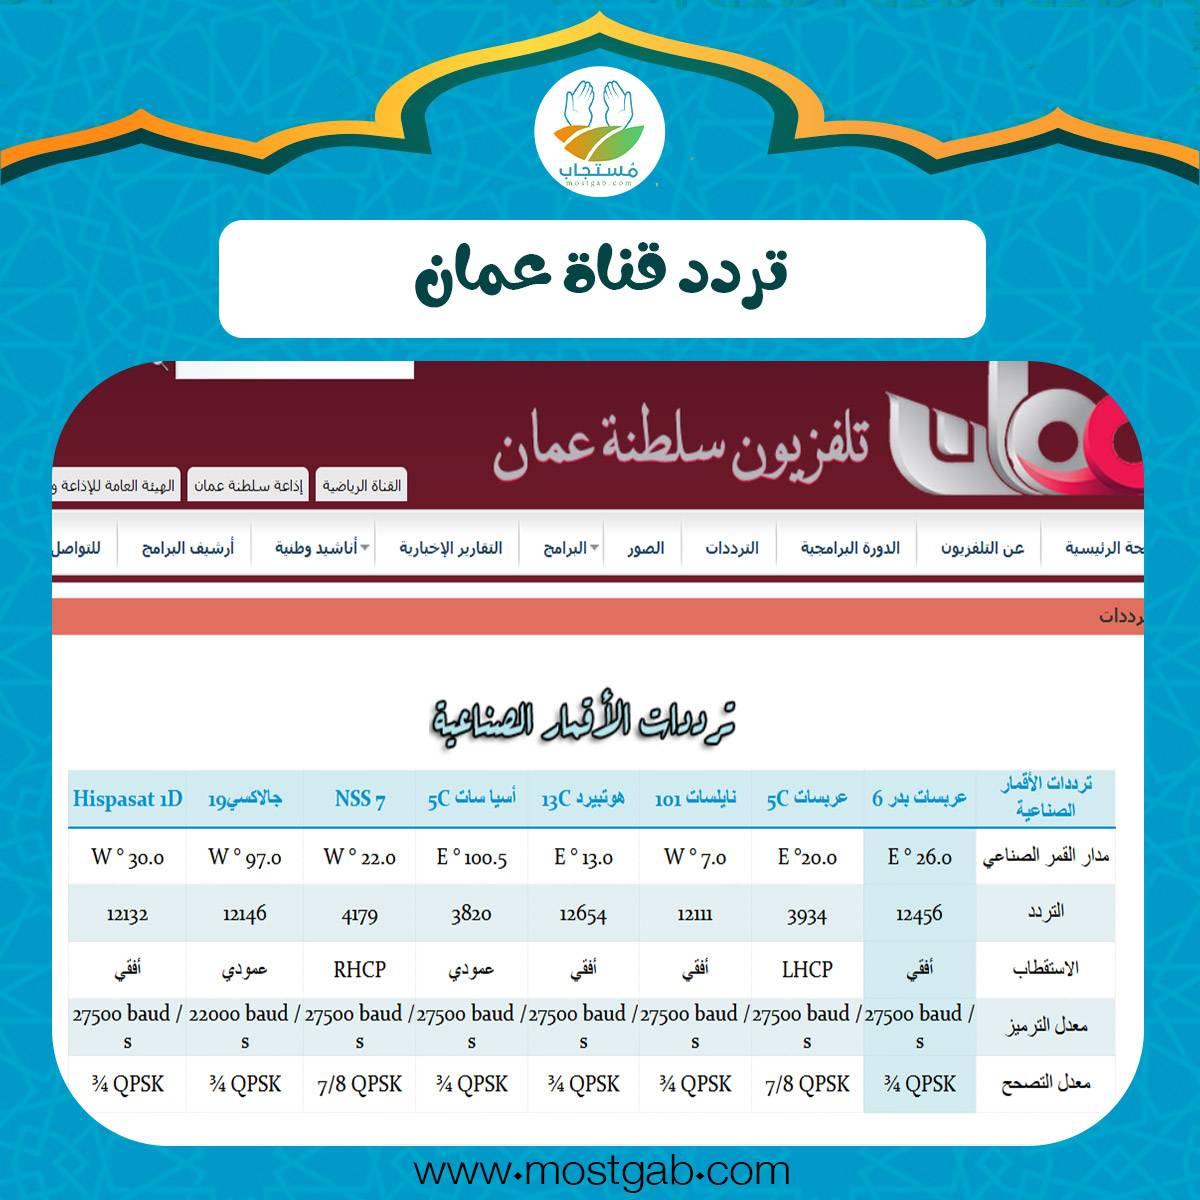 تردد تليفزيون عمان